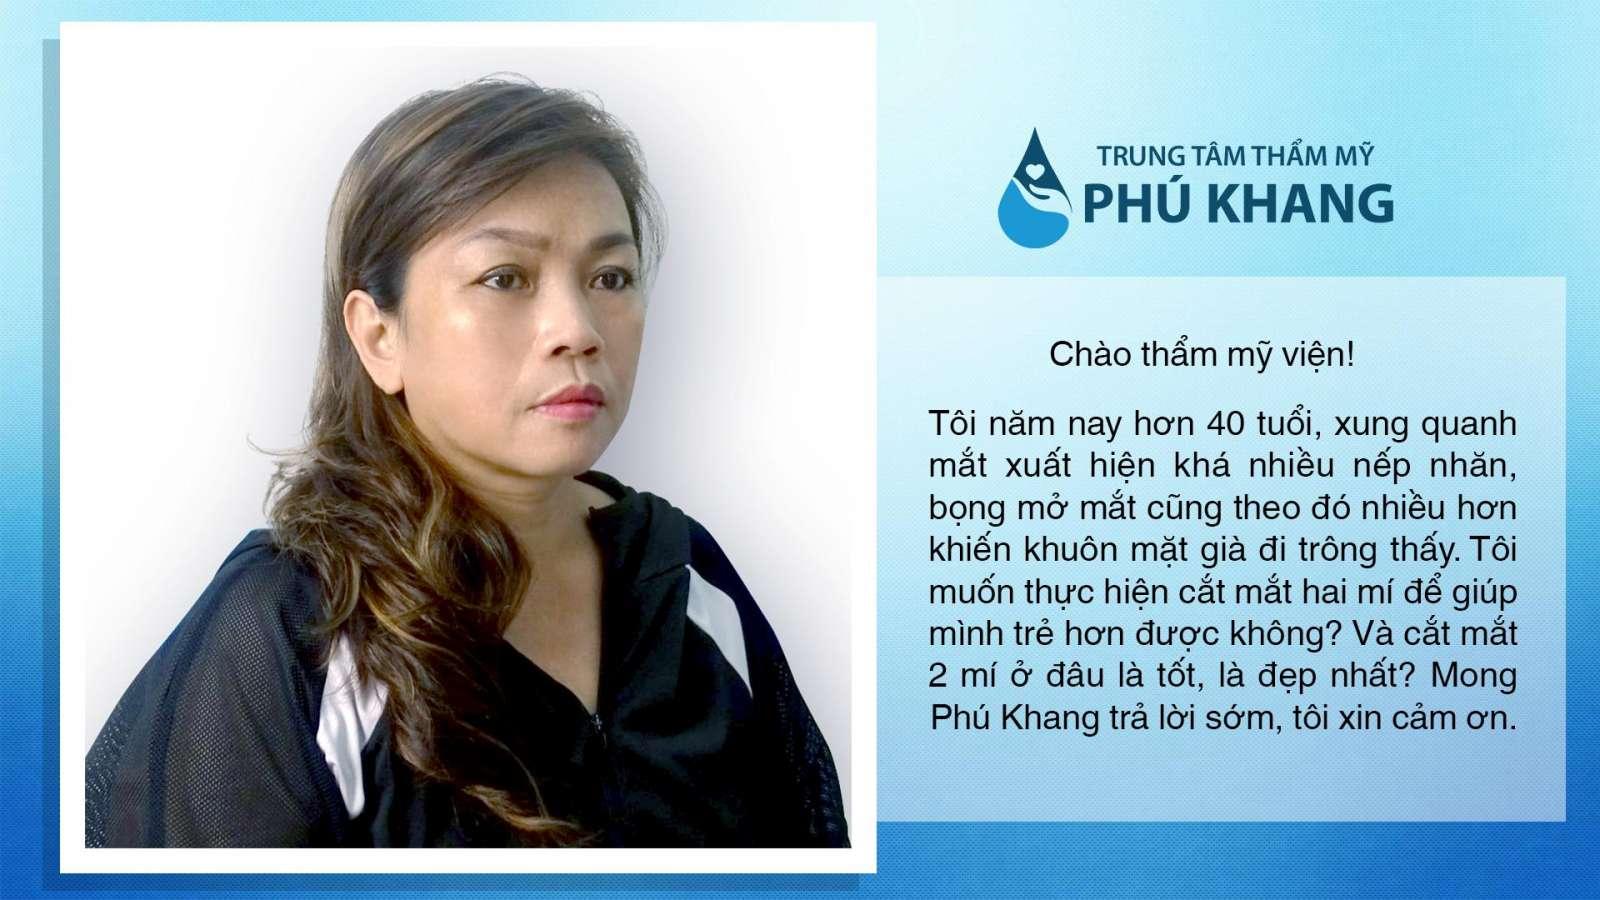 cau-hoi-cua-khach-hang-tai-phu-khang